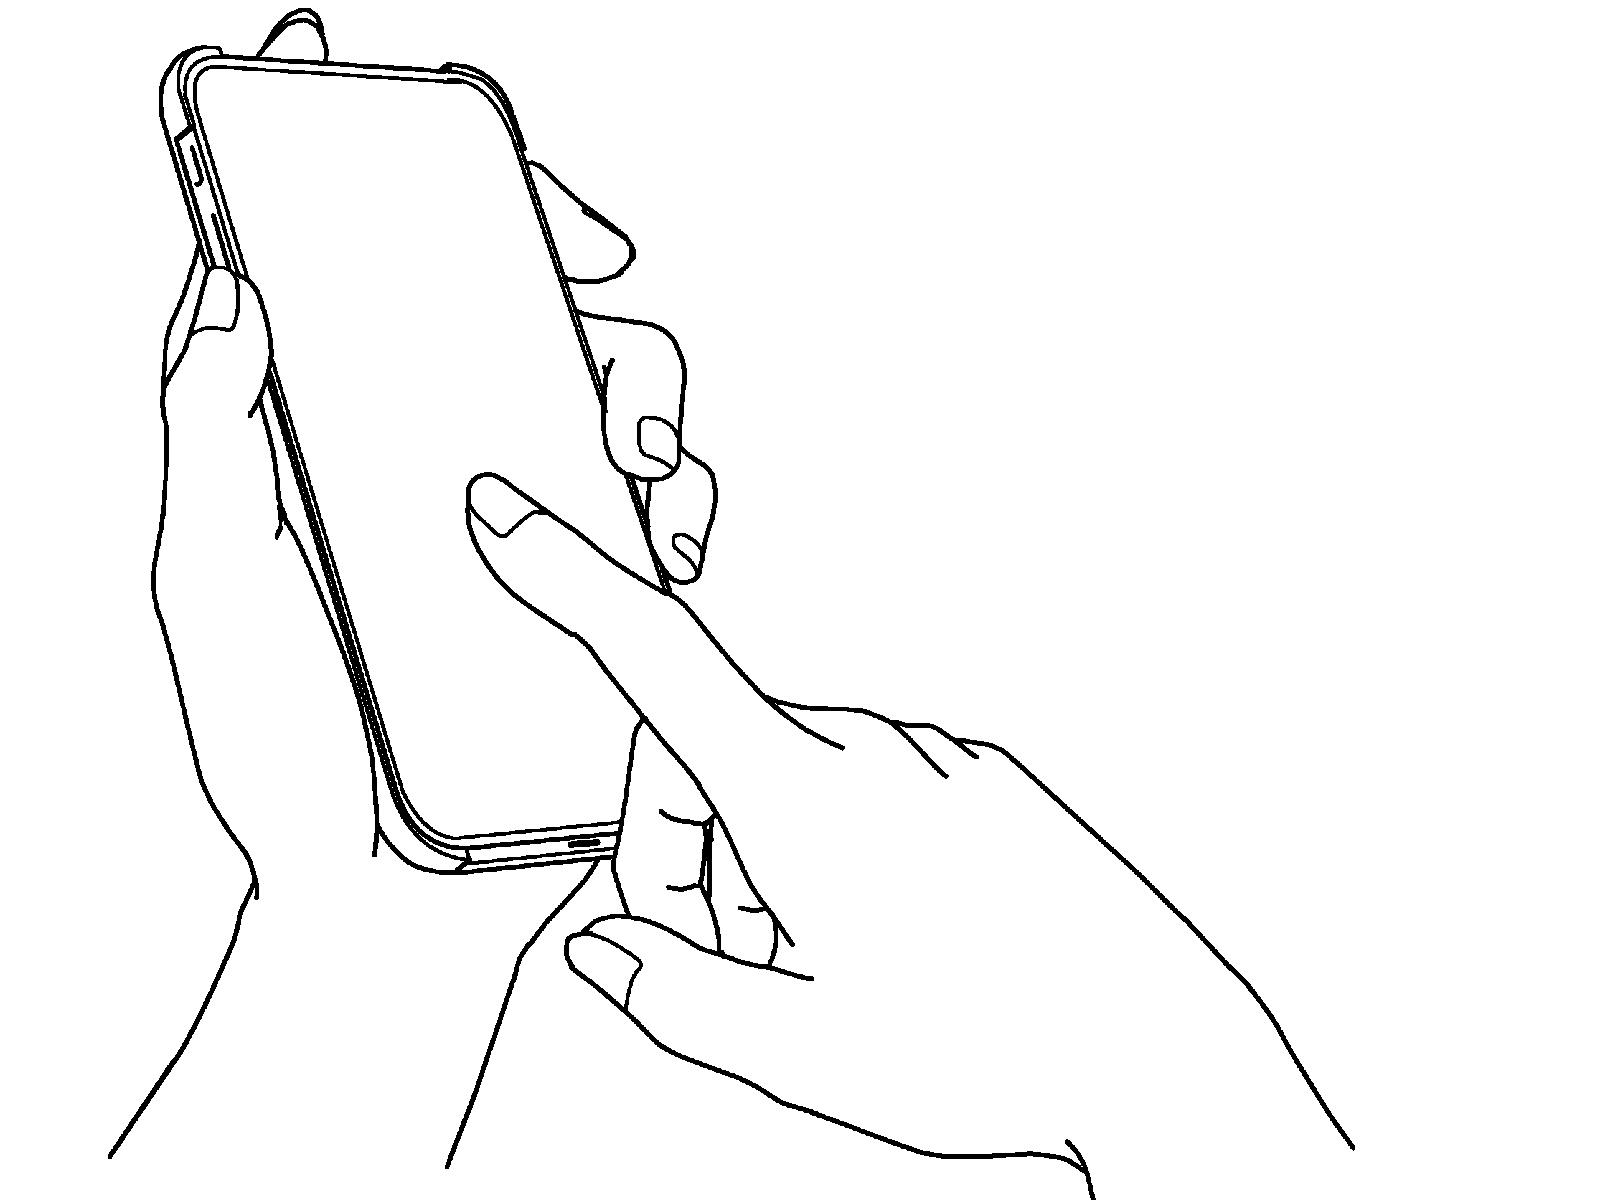 スマホを操作する手のイラスト